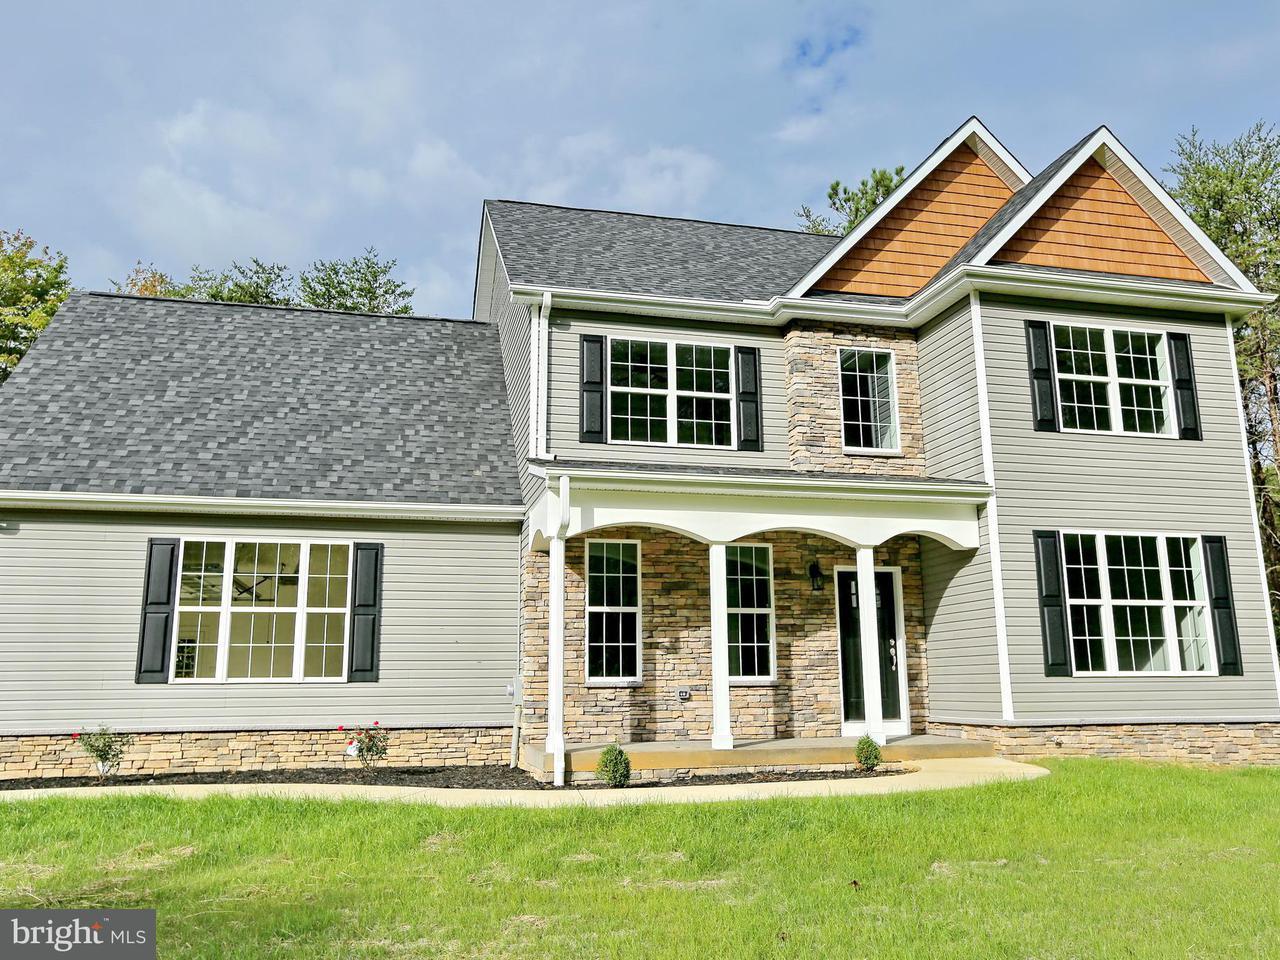 Частный односемейный дом для того Продажа на 10275 FAULKNER Road 10275 FAULKNER Road Faulkner, Мэриленд 20632 Соединенные Штаты